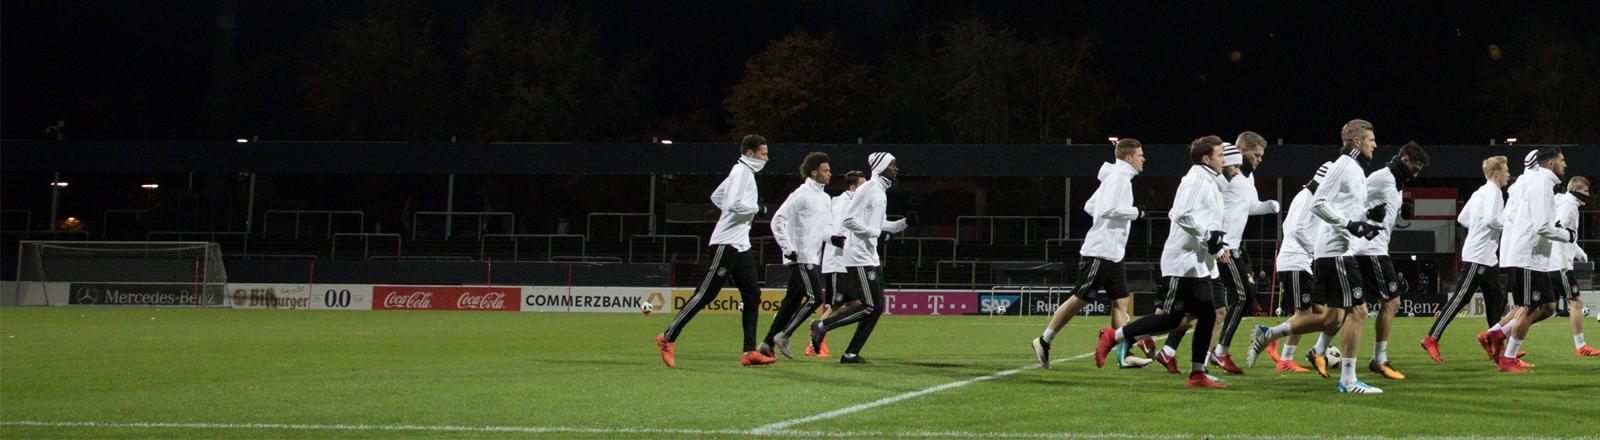 Die deutsche Fußball-Nationalmannschaft bei einem Training.